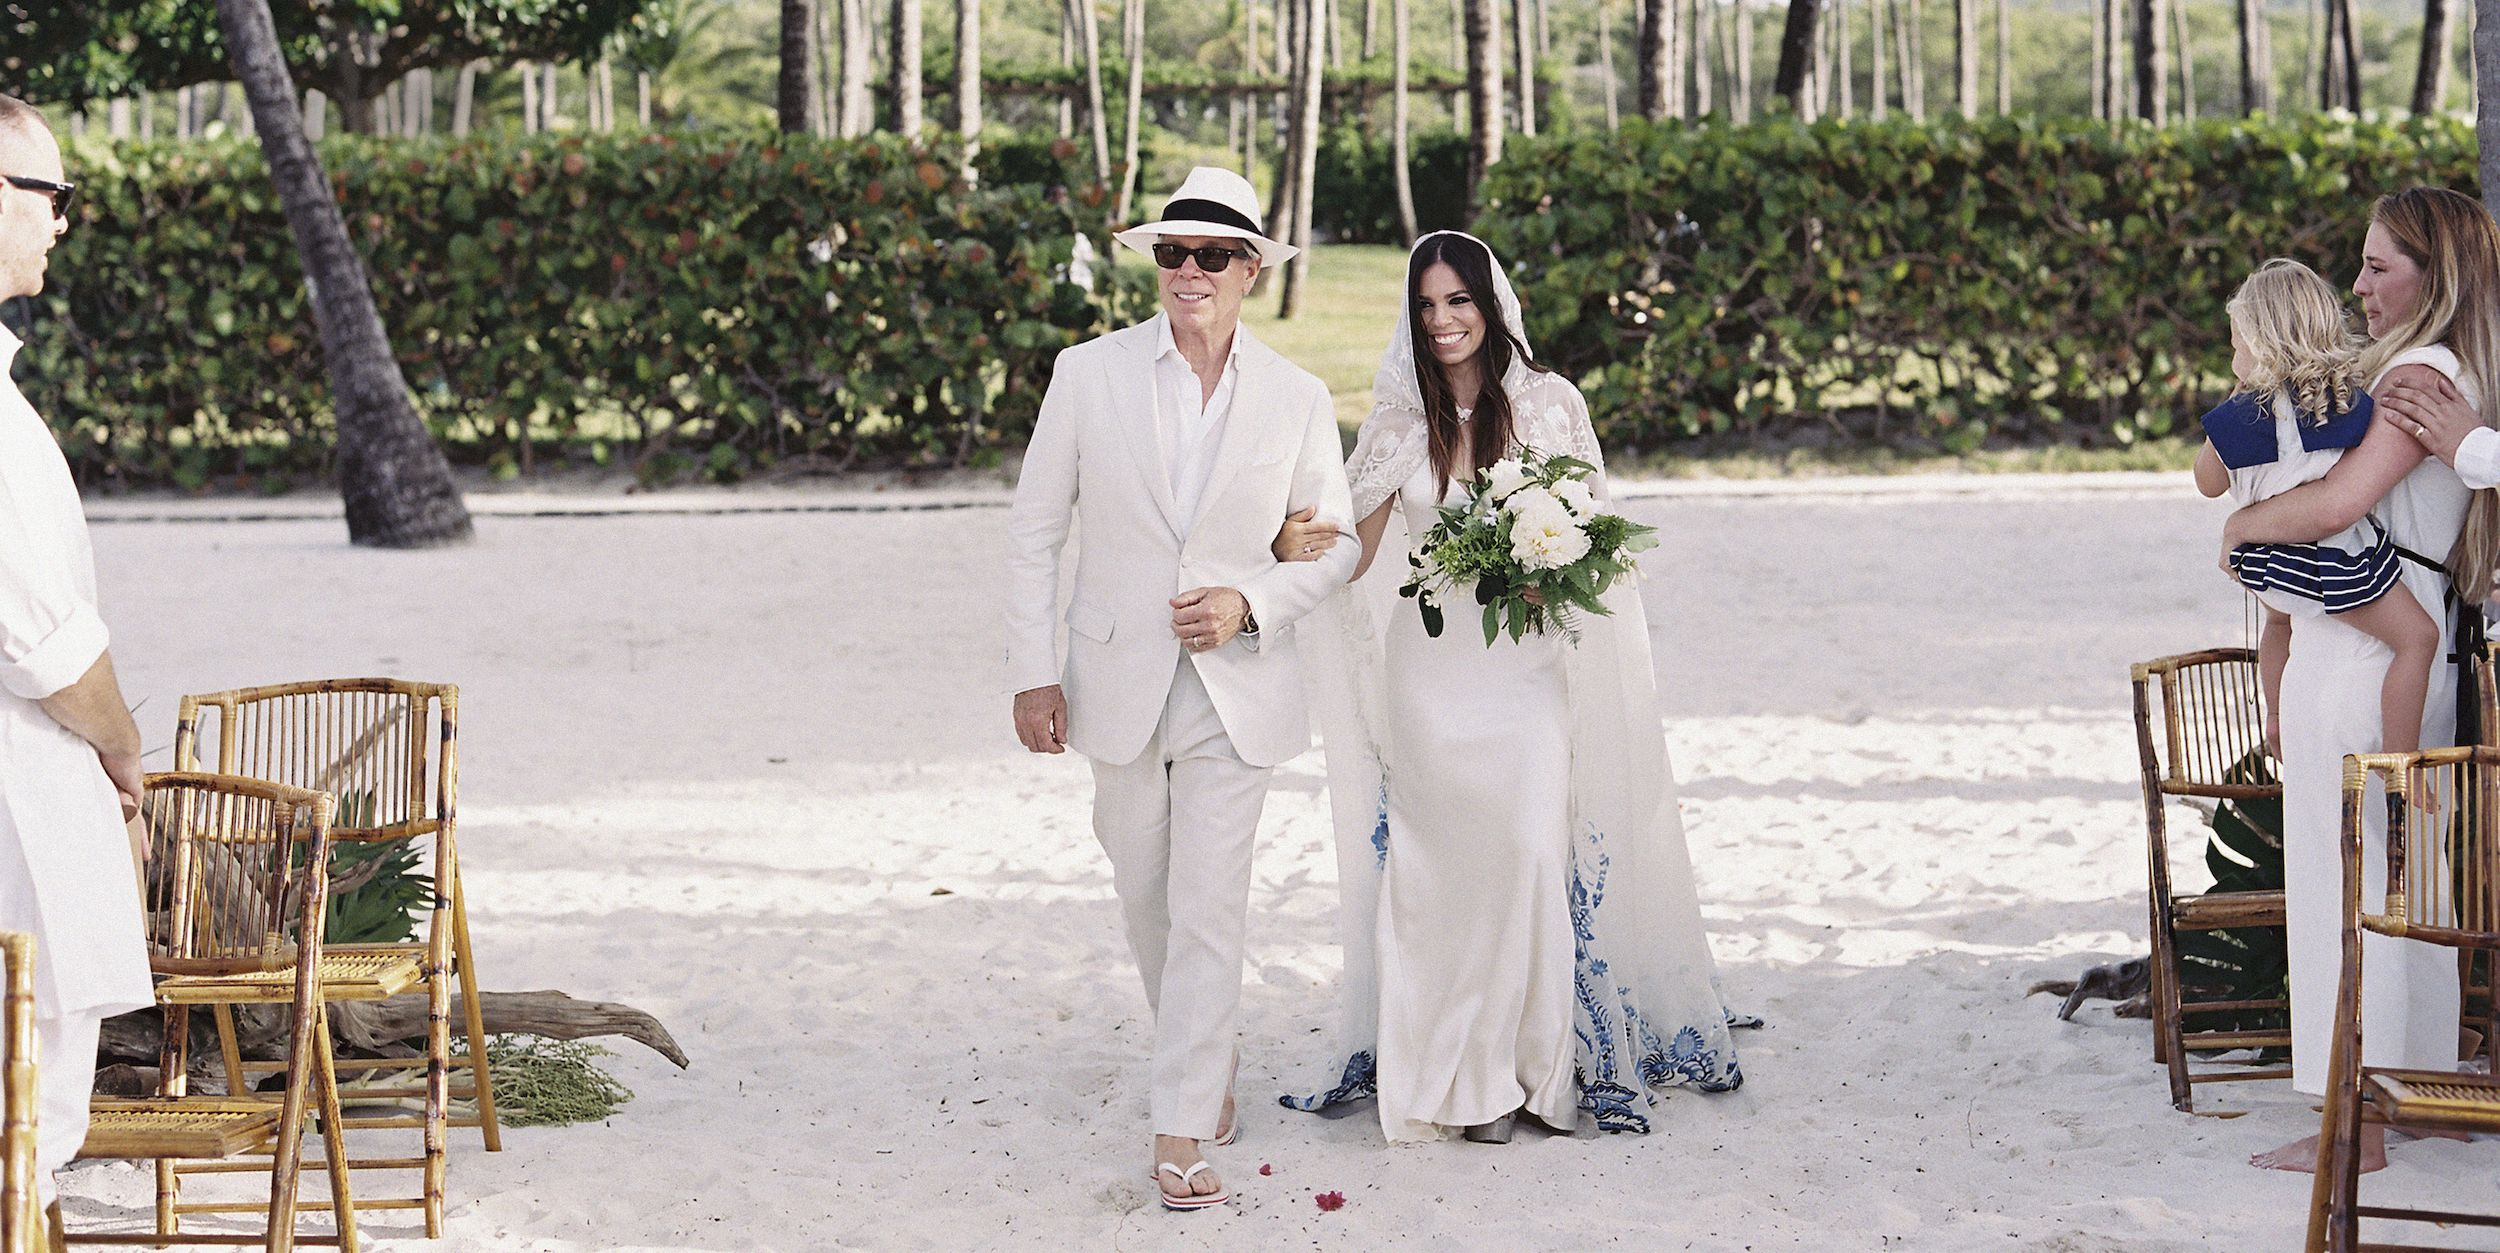 Ally Hilfiger wedding Steve Hash Mustique